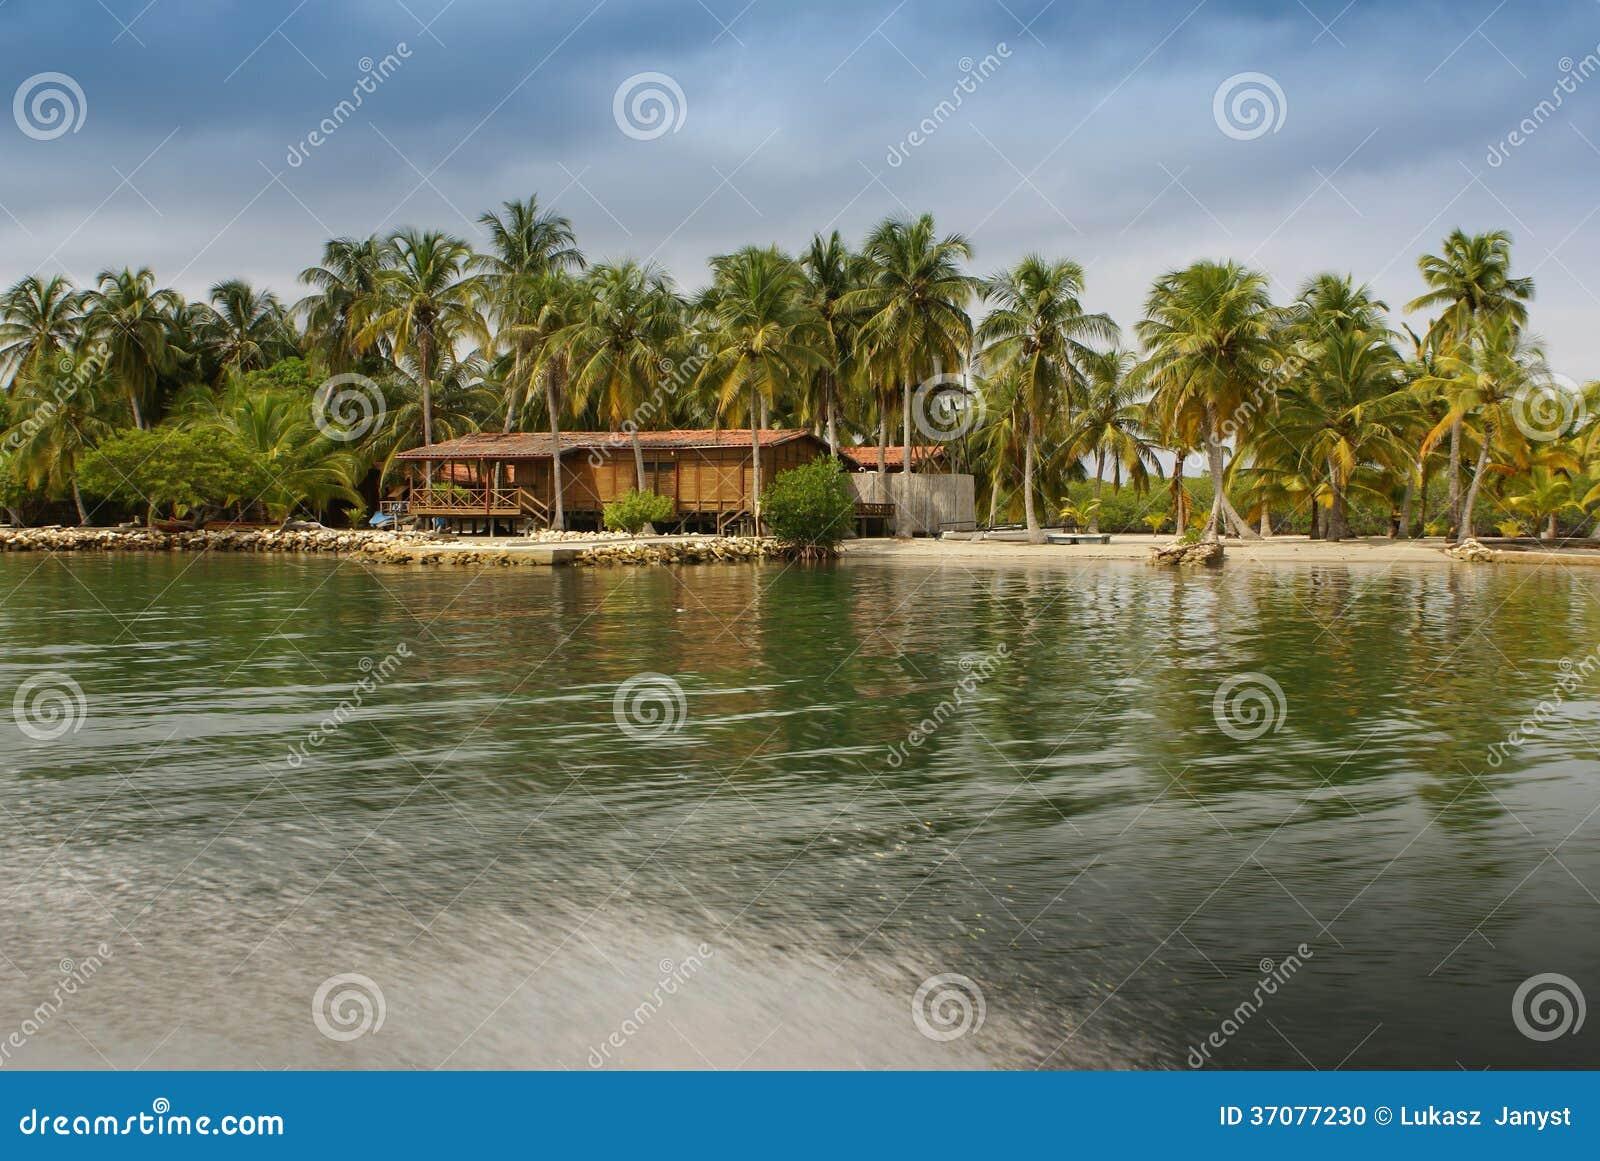 Download Malutka Wyspa W Karaibskim Archipelagu San Bernardo Blisko Tolu, Kolumbia Zdjęcie Stock - Obraz złożonej z morze, kolumbia: 37077230